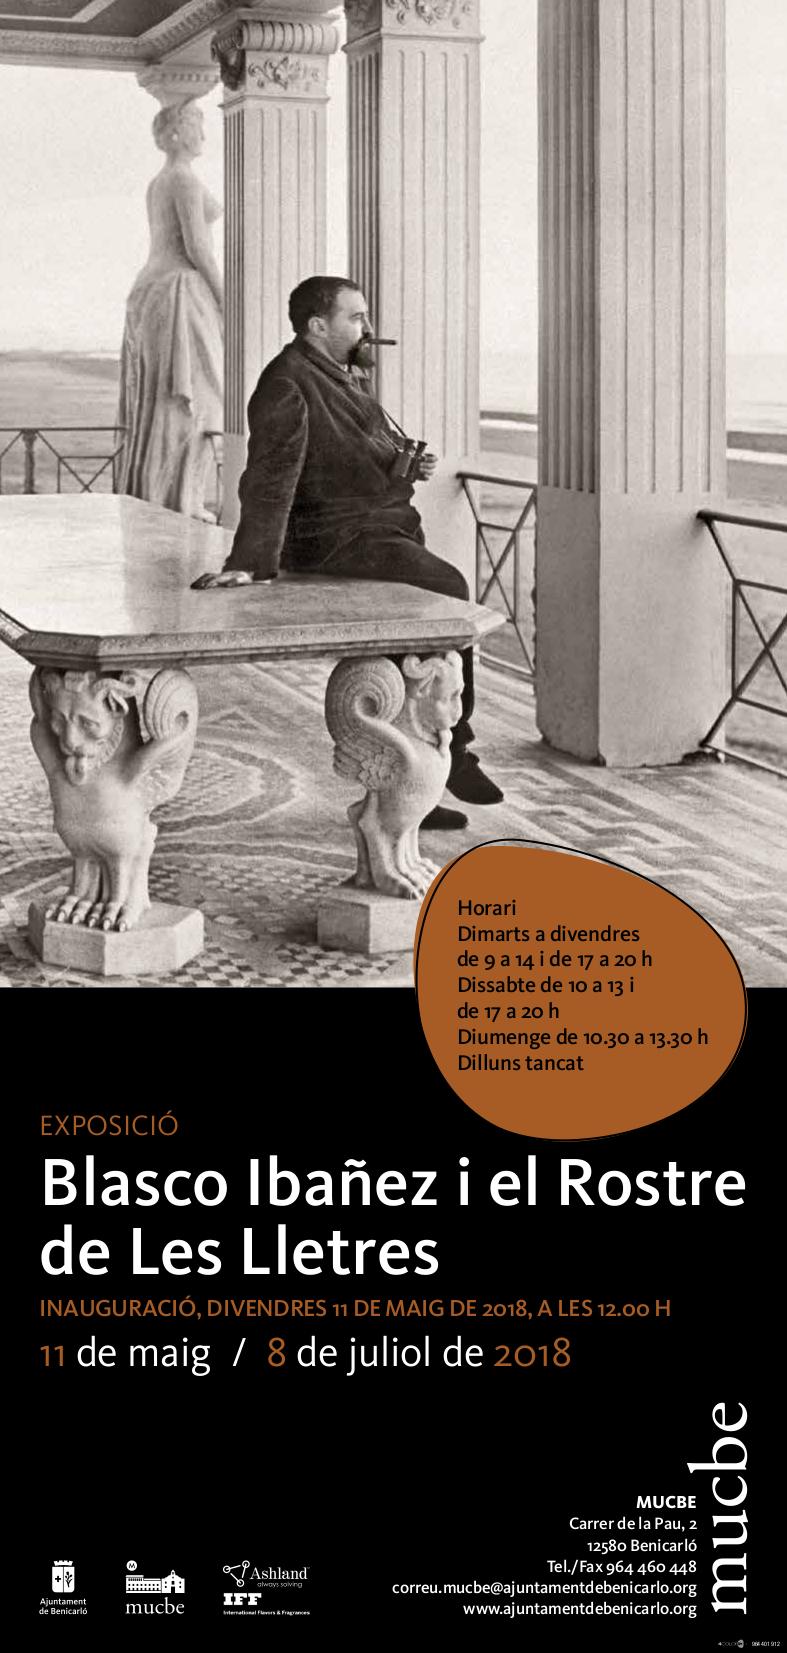 exposition-Benicarló-Blasco-Ibañez-accueil